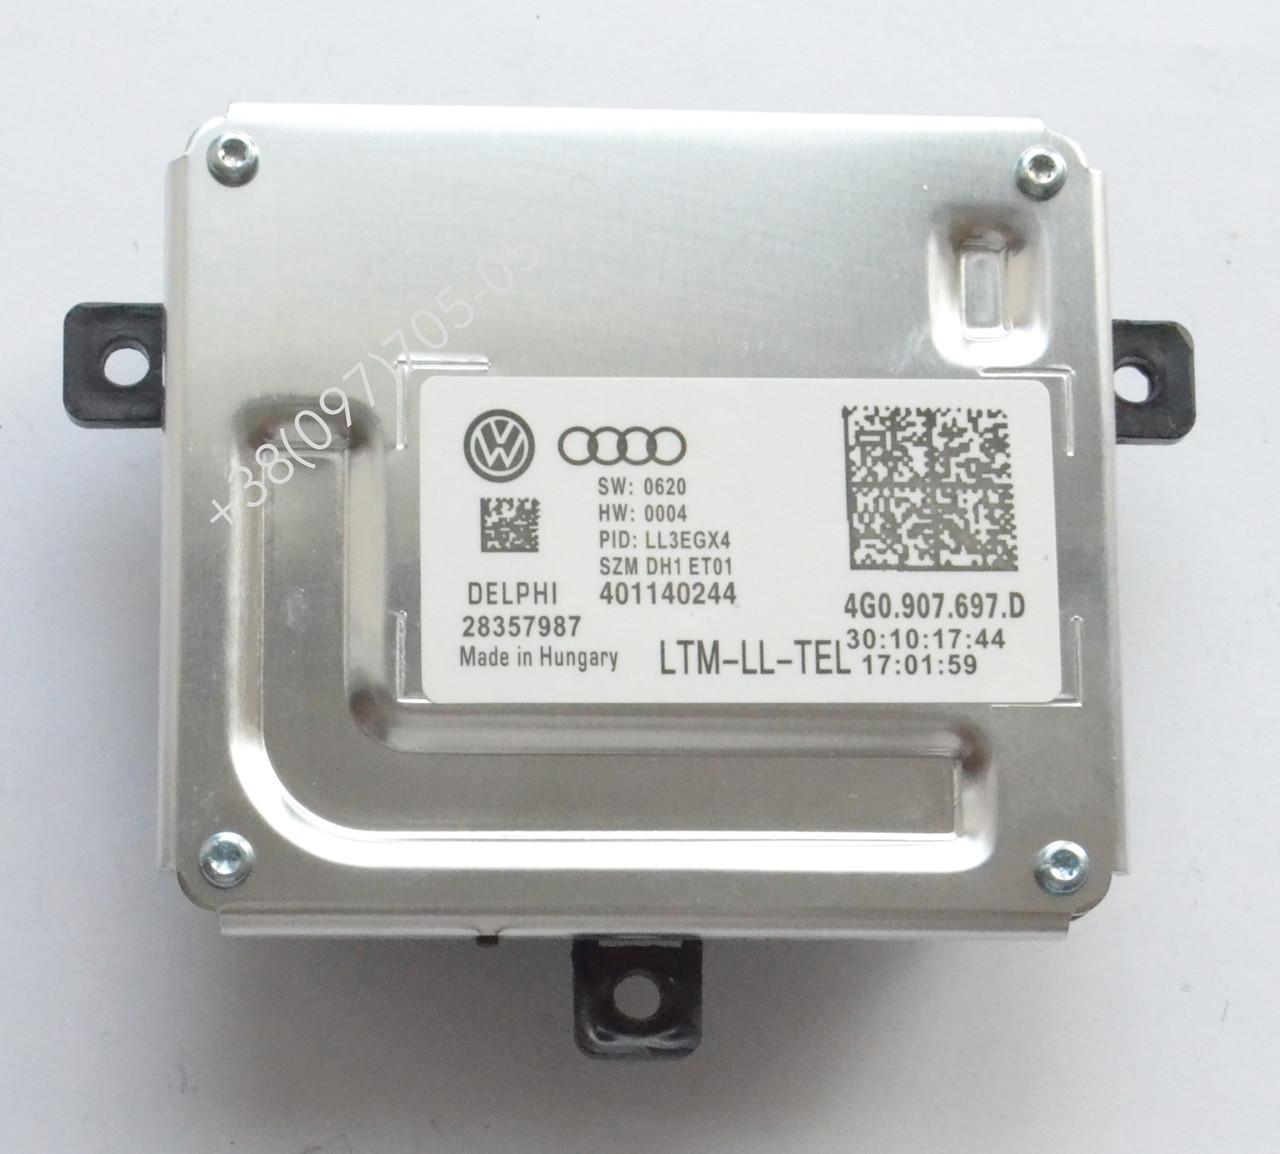 Лед блок модуль фары дхо LED 4G0.907.697.D VW Audi Skoda Delphi Блок управления светодиодами